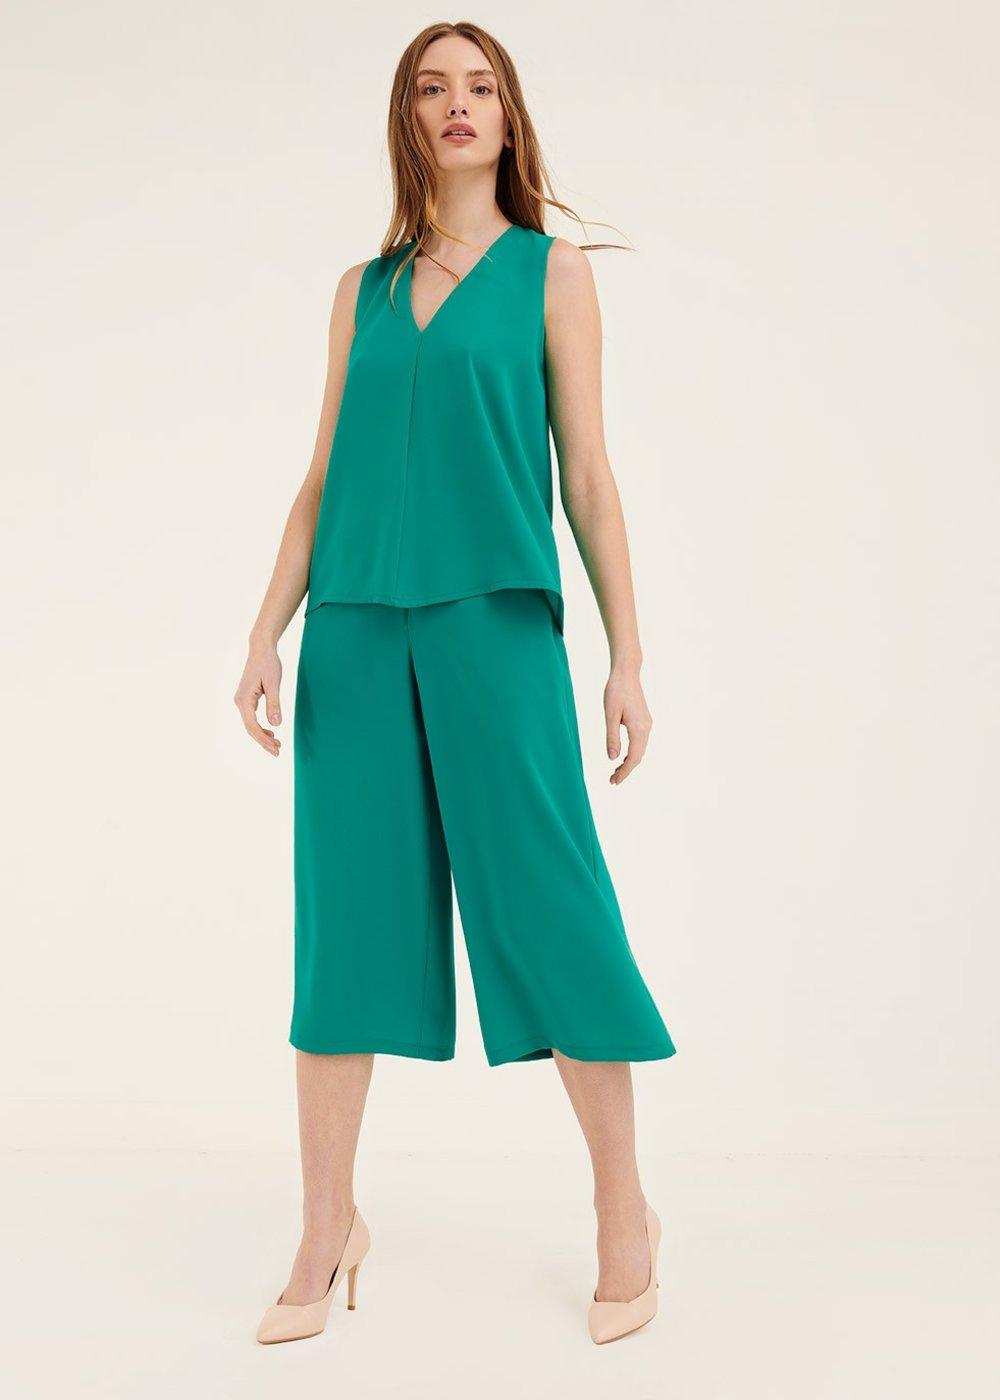 Pantalone Megan con abbottonatura - Smeraldo - Donna